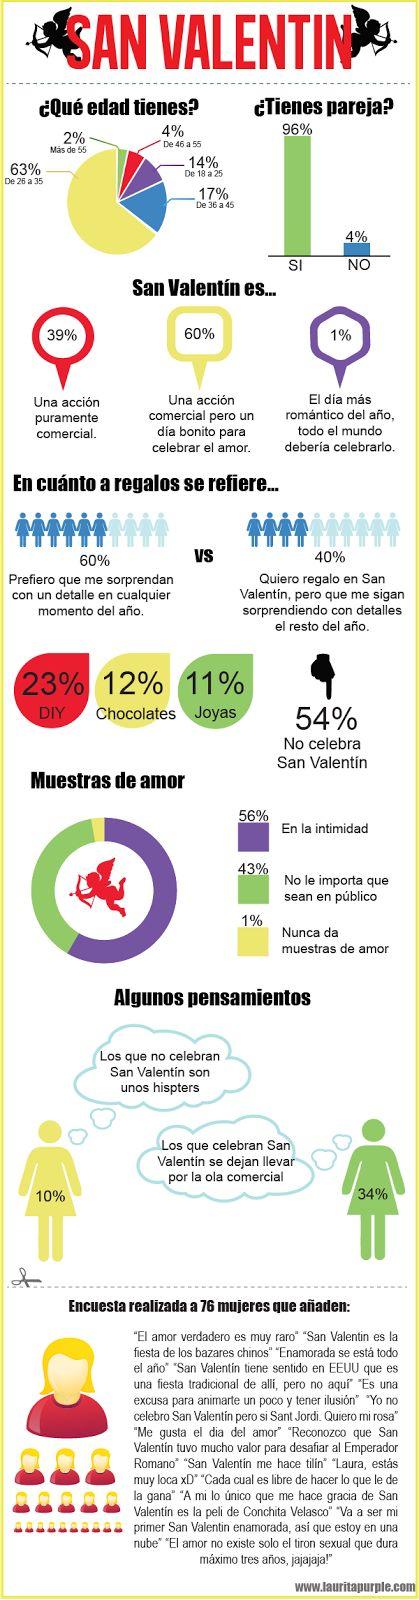 San Valentín #infografia #infographic Infografía de alfredovela, vía infografiasencastellano Título: San Valentín